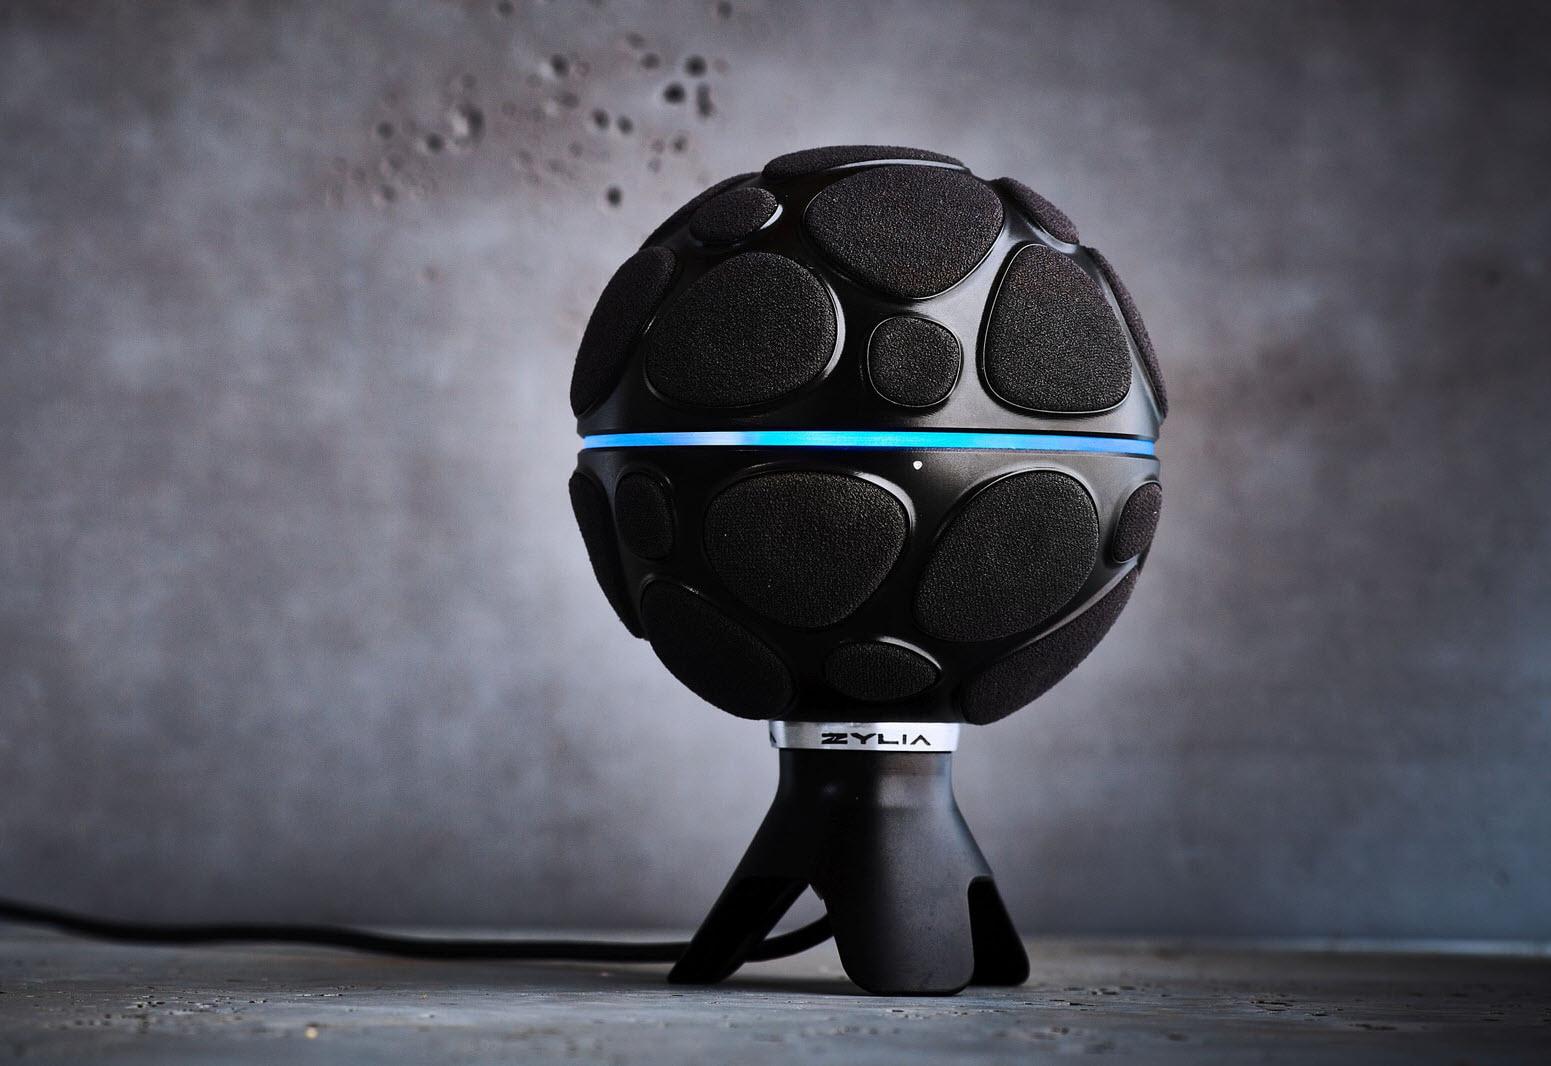 备受好评的ZYLIA ZM-1 360度录音麦克风在美上市(视频)